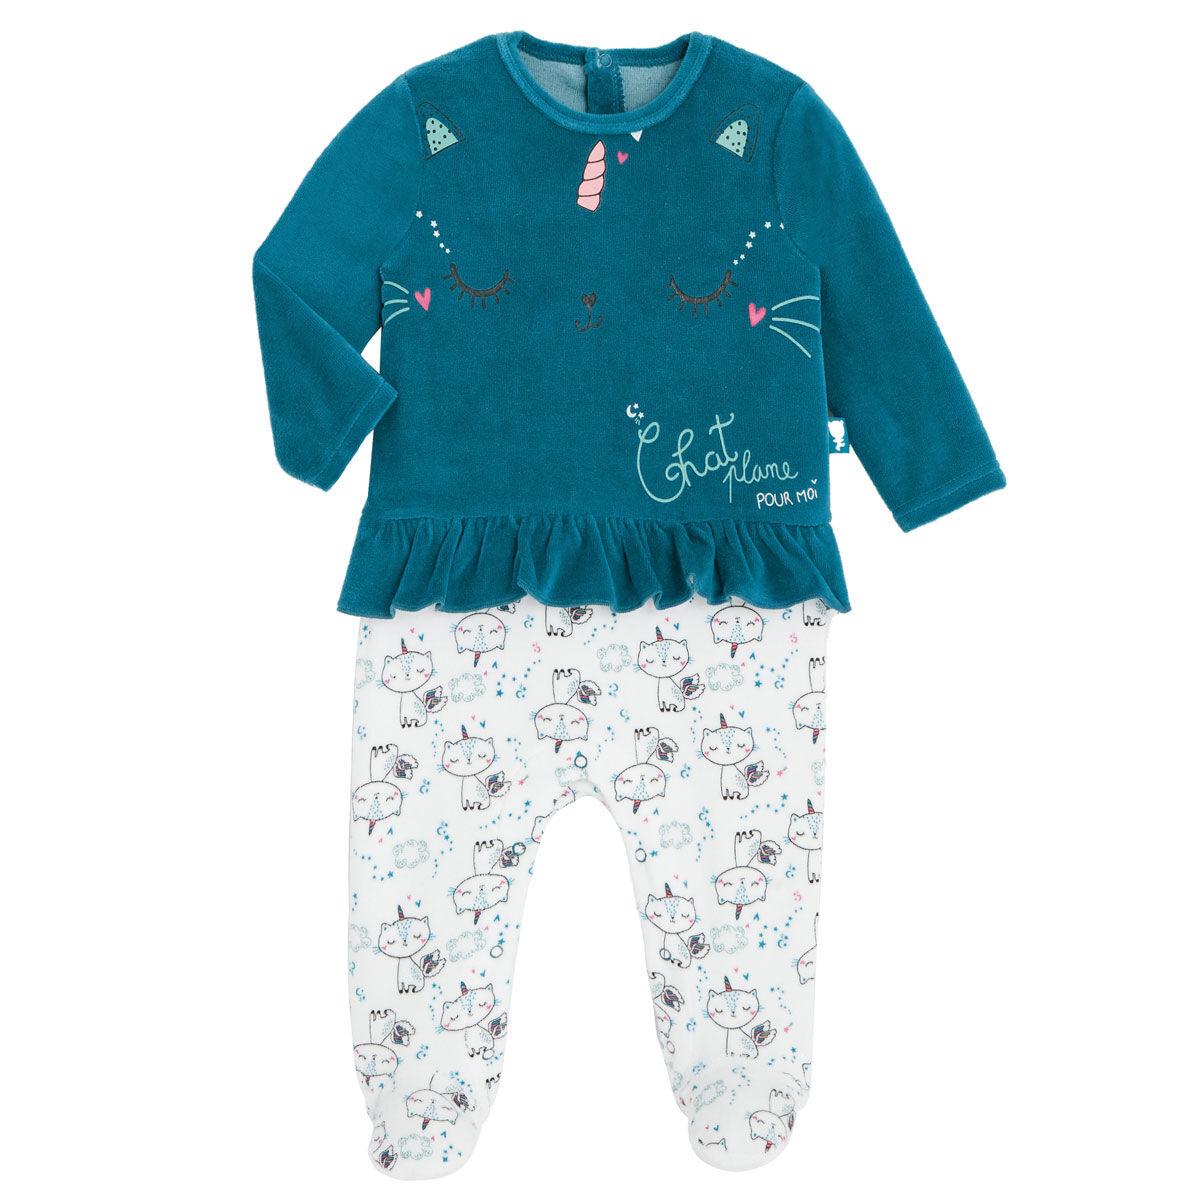 Petit Béguin Pyjama bébé en velours contenant du coton bio Chat Plane - Taille - 18 mois